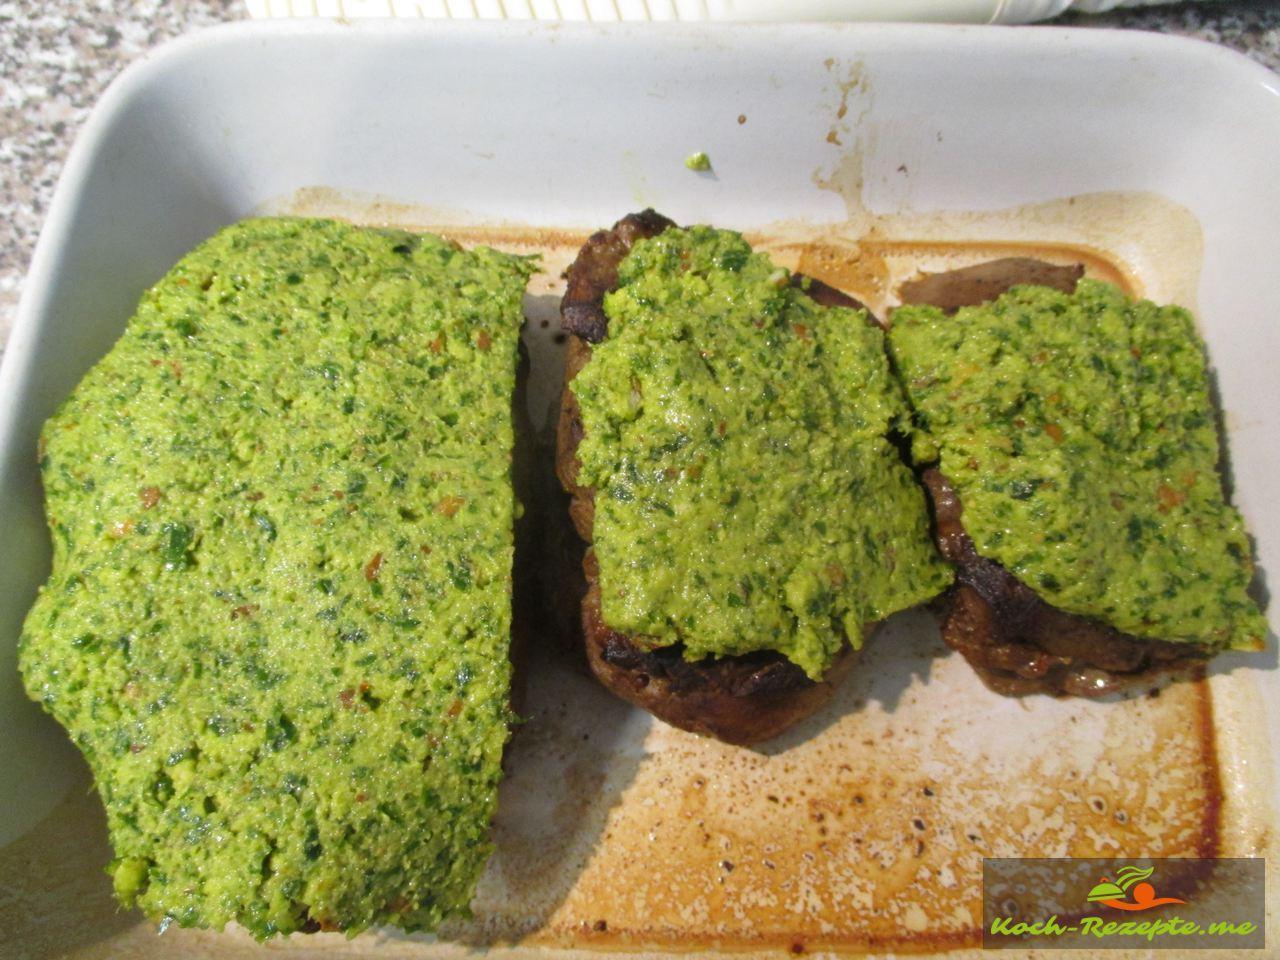 die Bärlauchkruste aufs Rehfleisch legen und 4 Minuten gratinieren